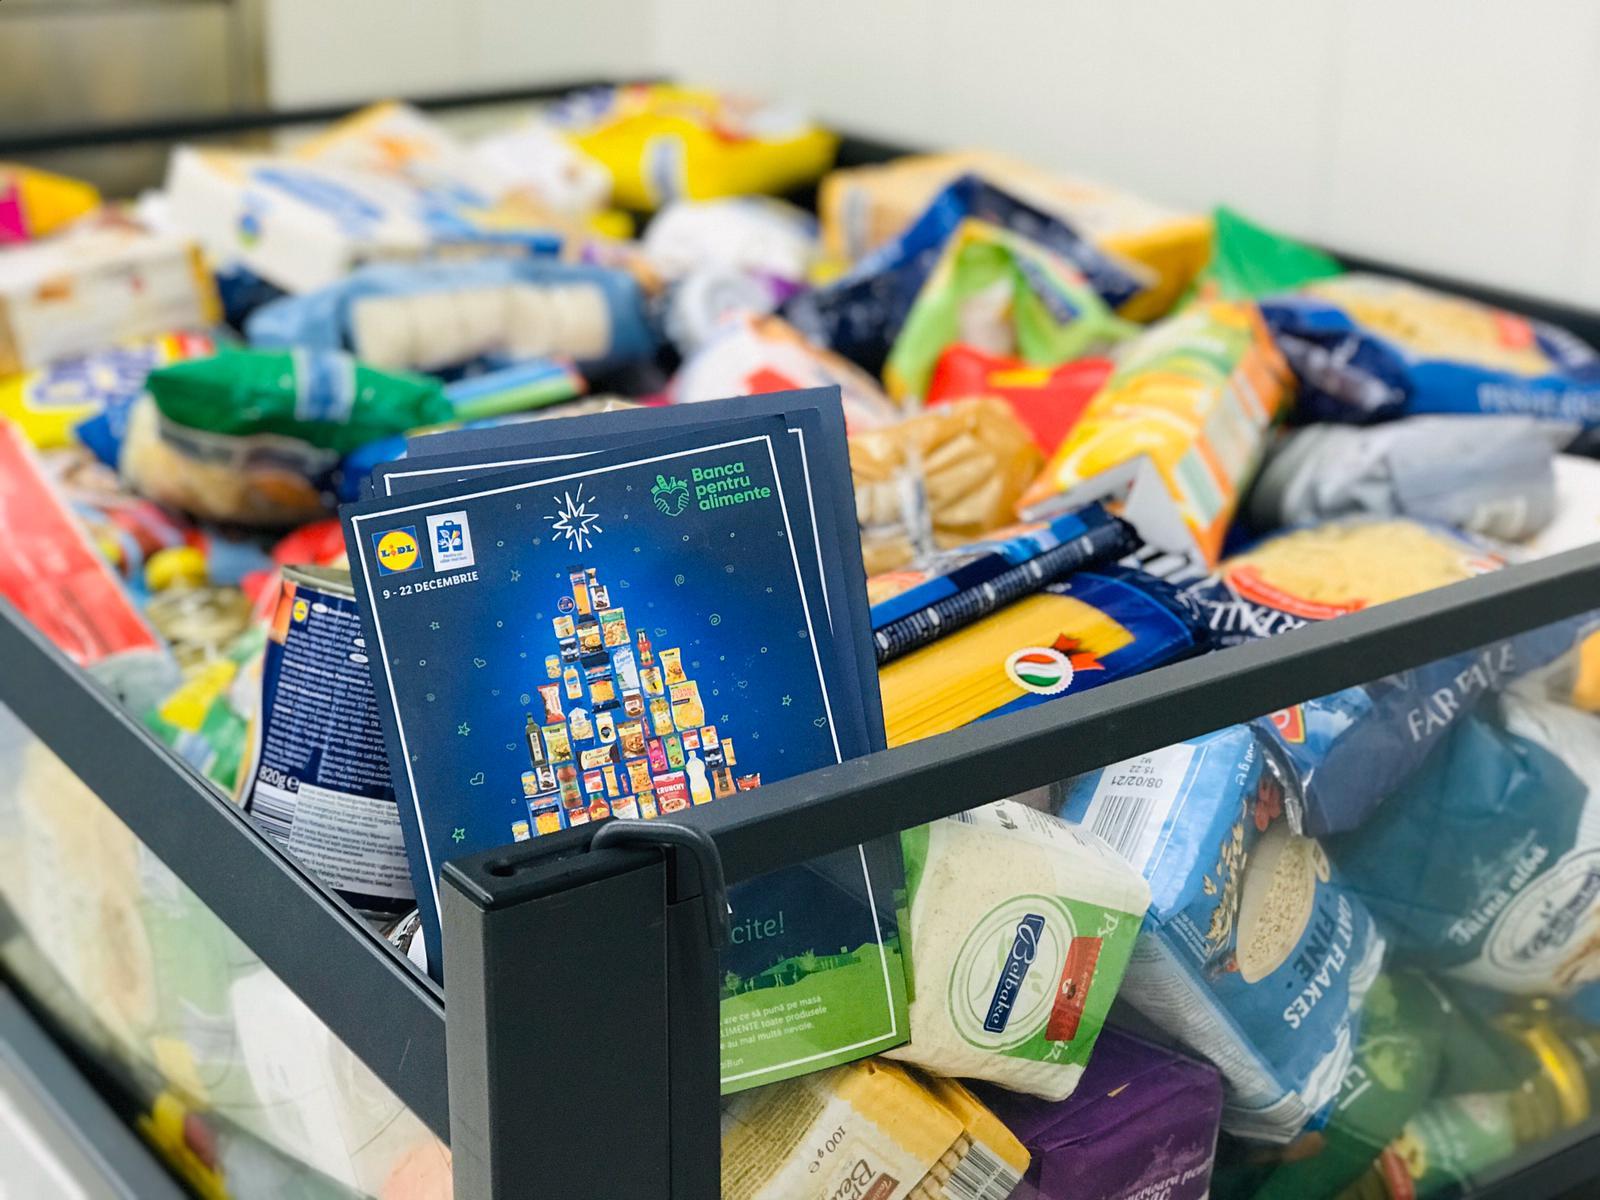 Clientii Lidl din patru orase au donat peste 16 tone de alimente pentru persoanele defavorizate